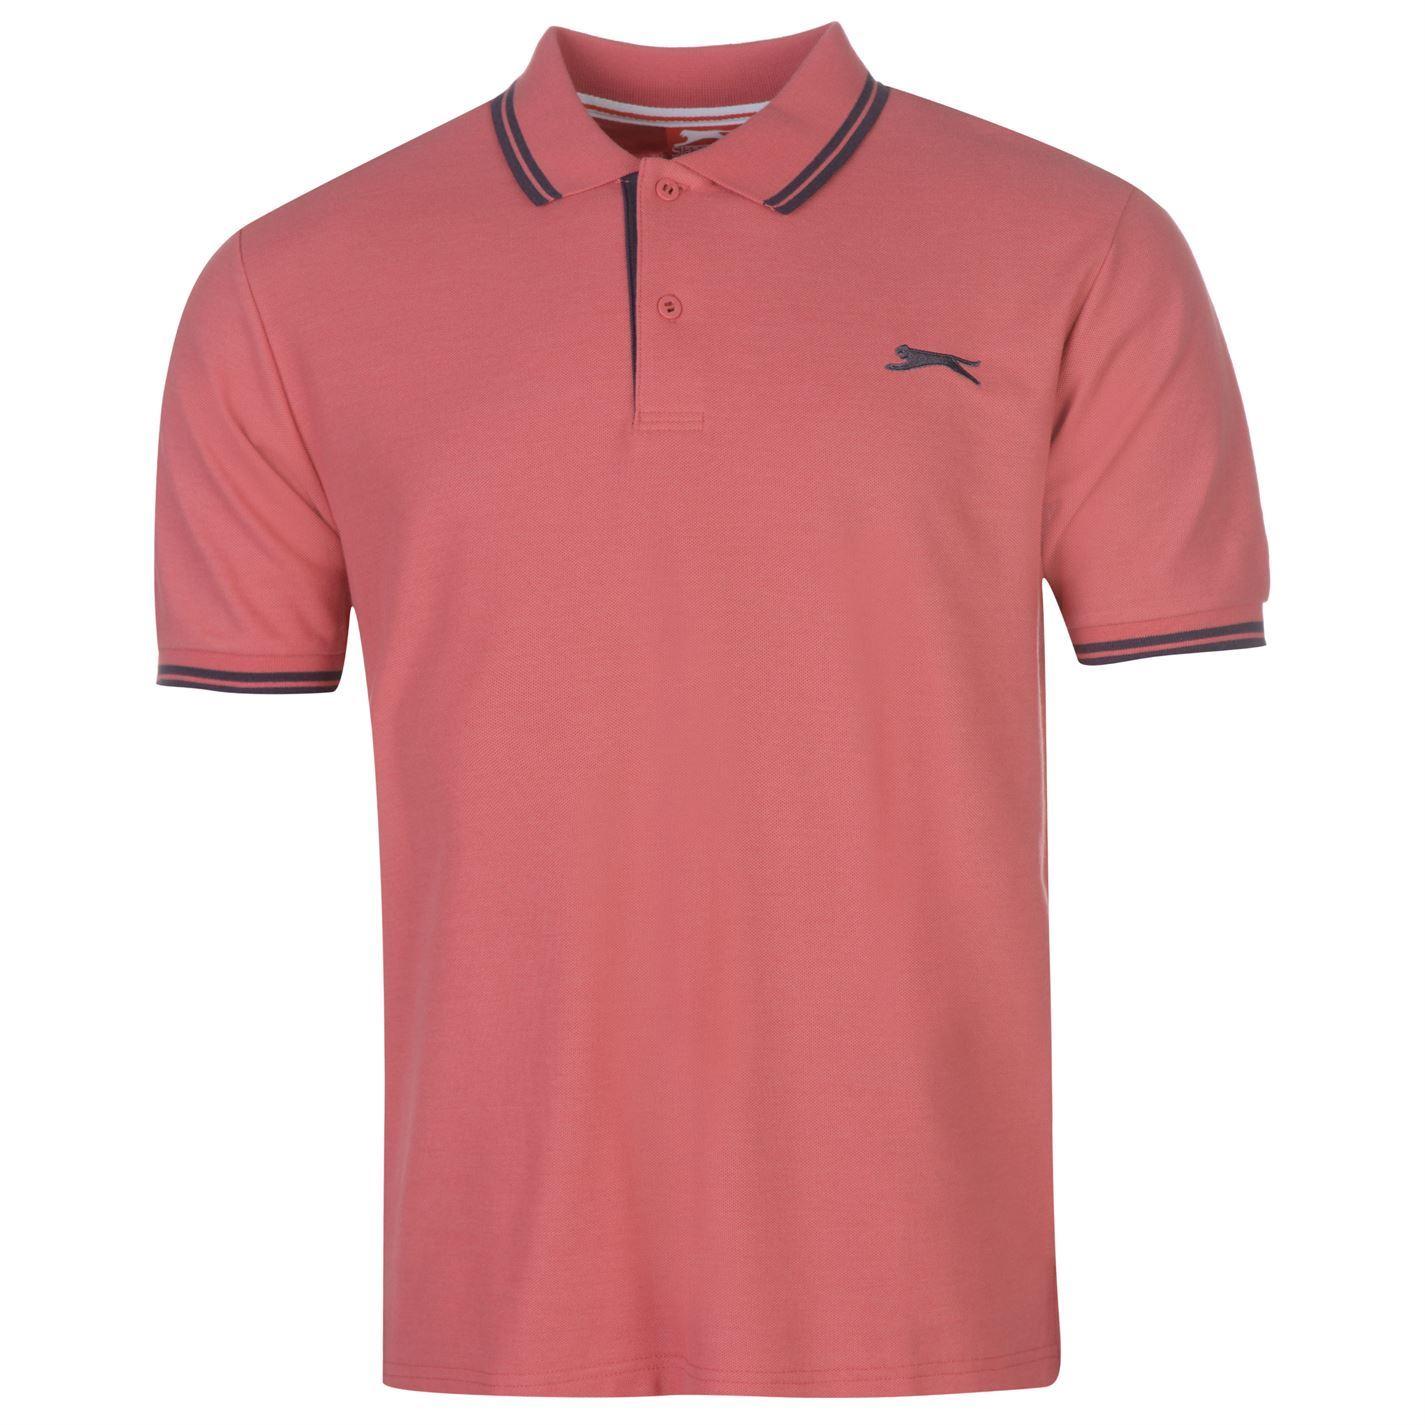 Slazenger-Polo-Camisa-de-hombre-con-cuello-con-Punta-T-Shirt-Top-Camiseta-Tee miniatura 98